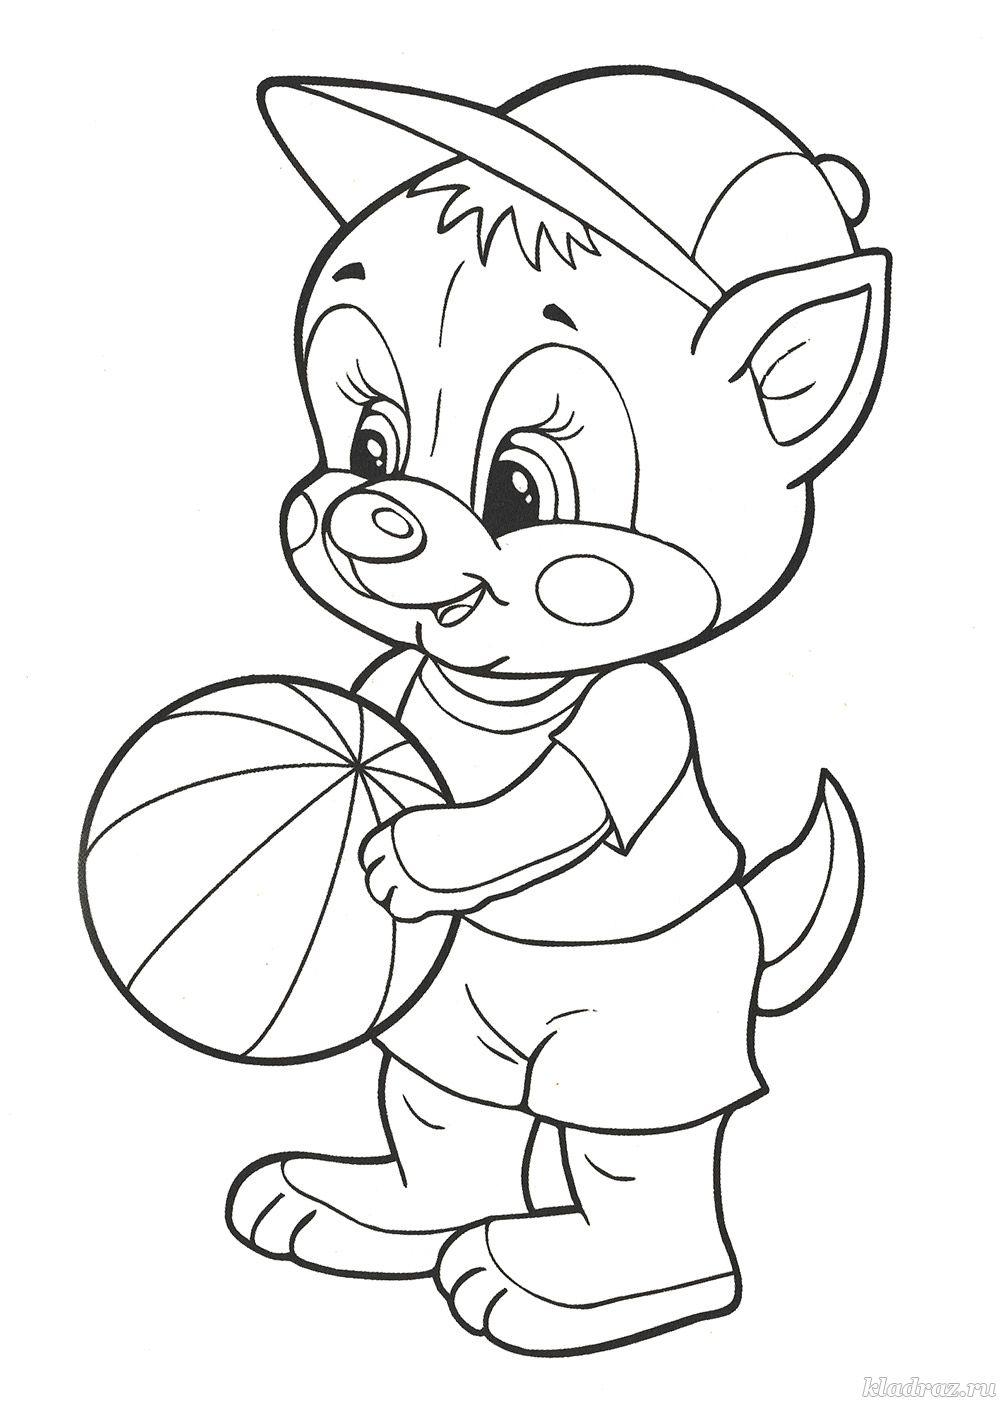 Раскраска. Волчонок играет с мячом